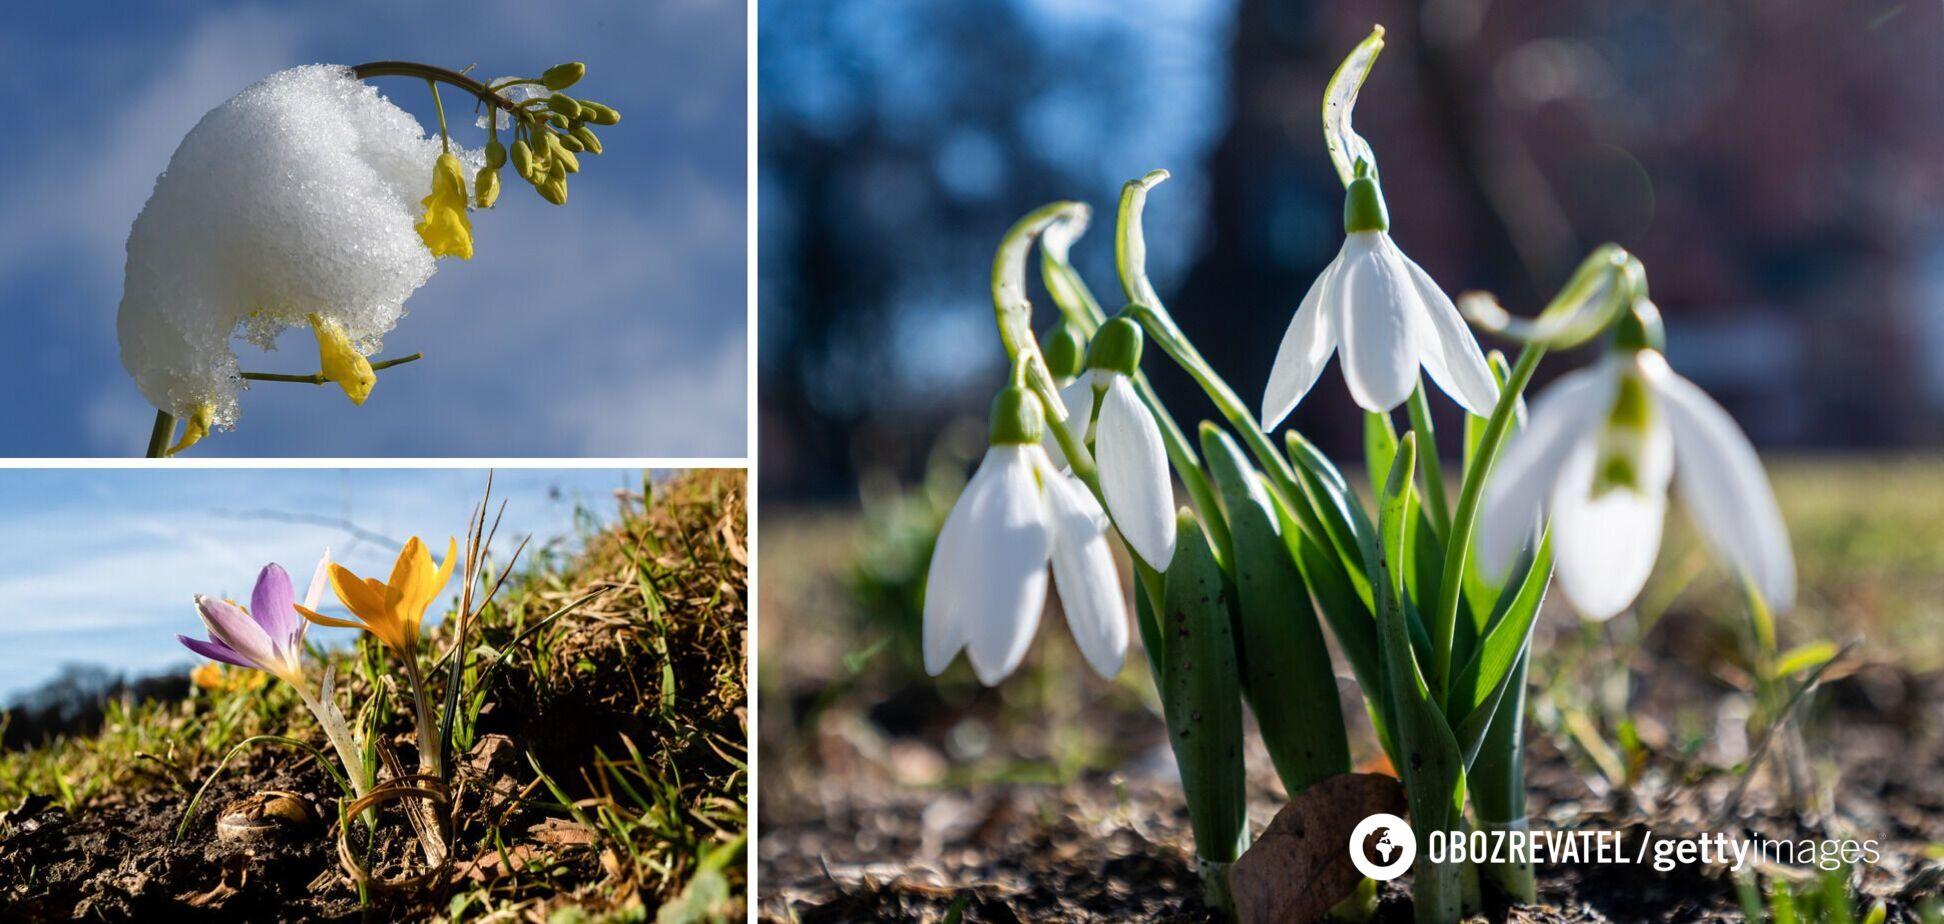 В Украину идет потепление, снег быстро исчезнет: синоптик сказала, когда наступит настоящая весна